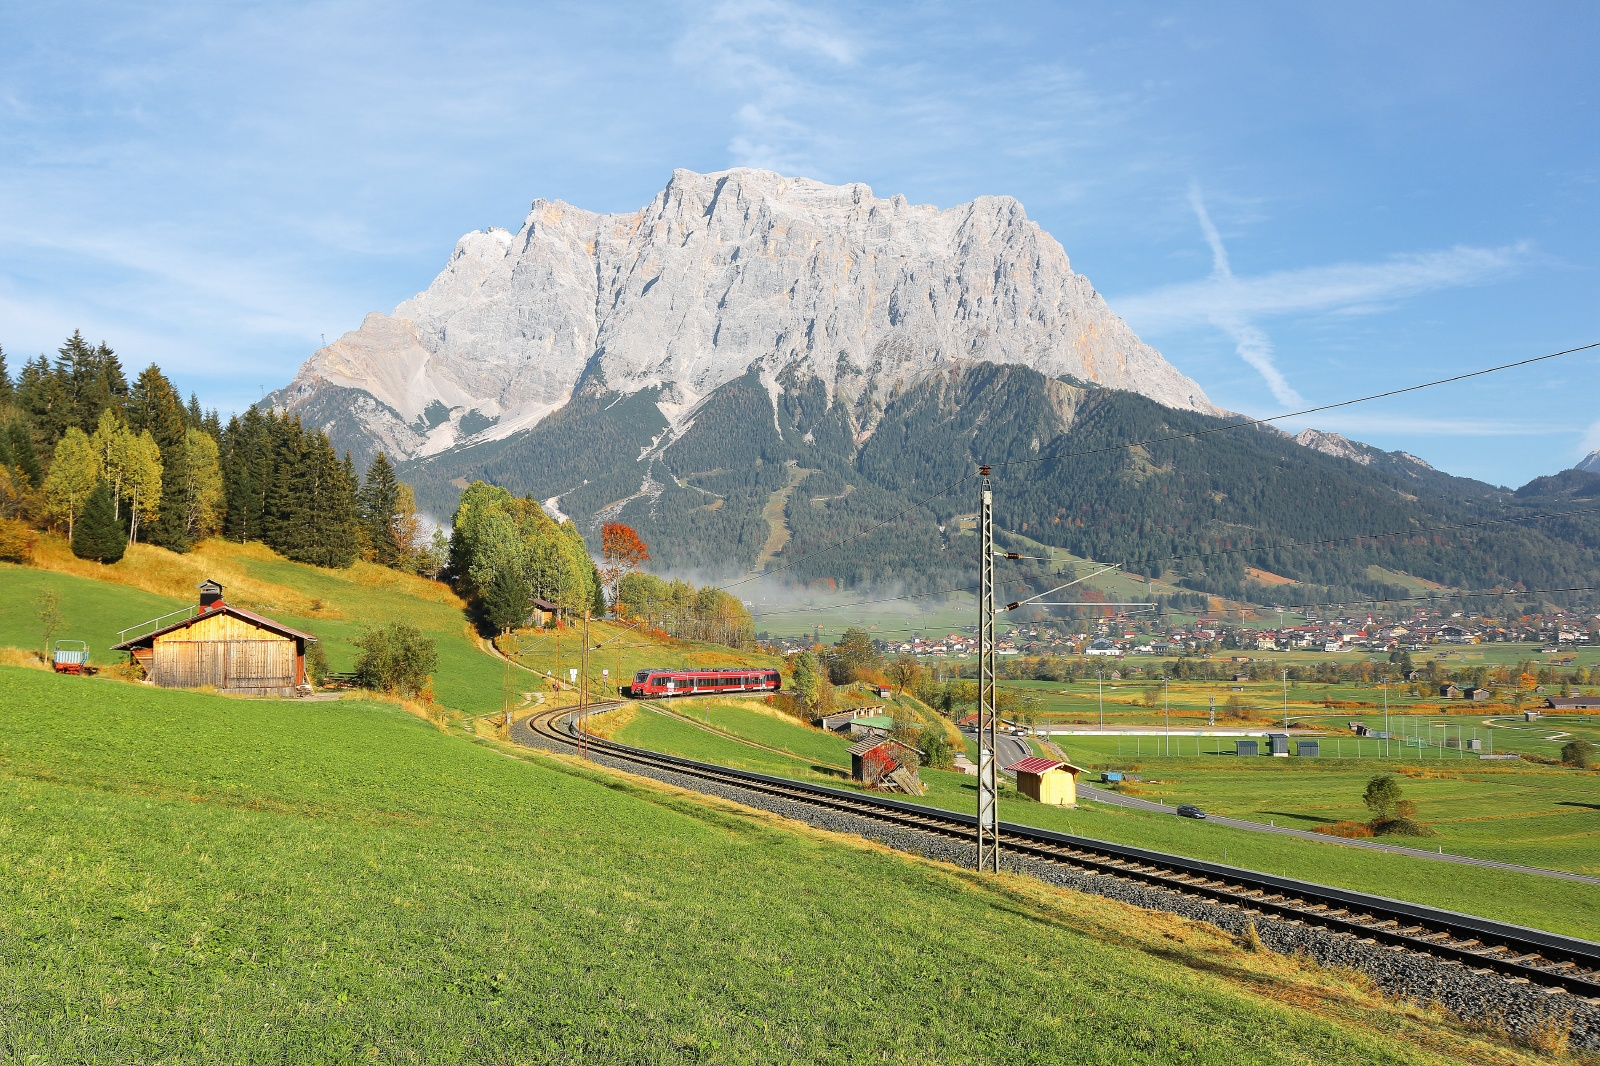 ツークシュピッツェの山をバックに走る鉄道 オーストリアの鉄道風景